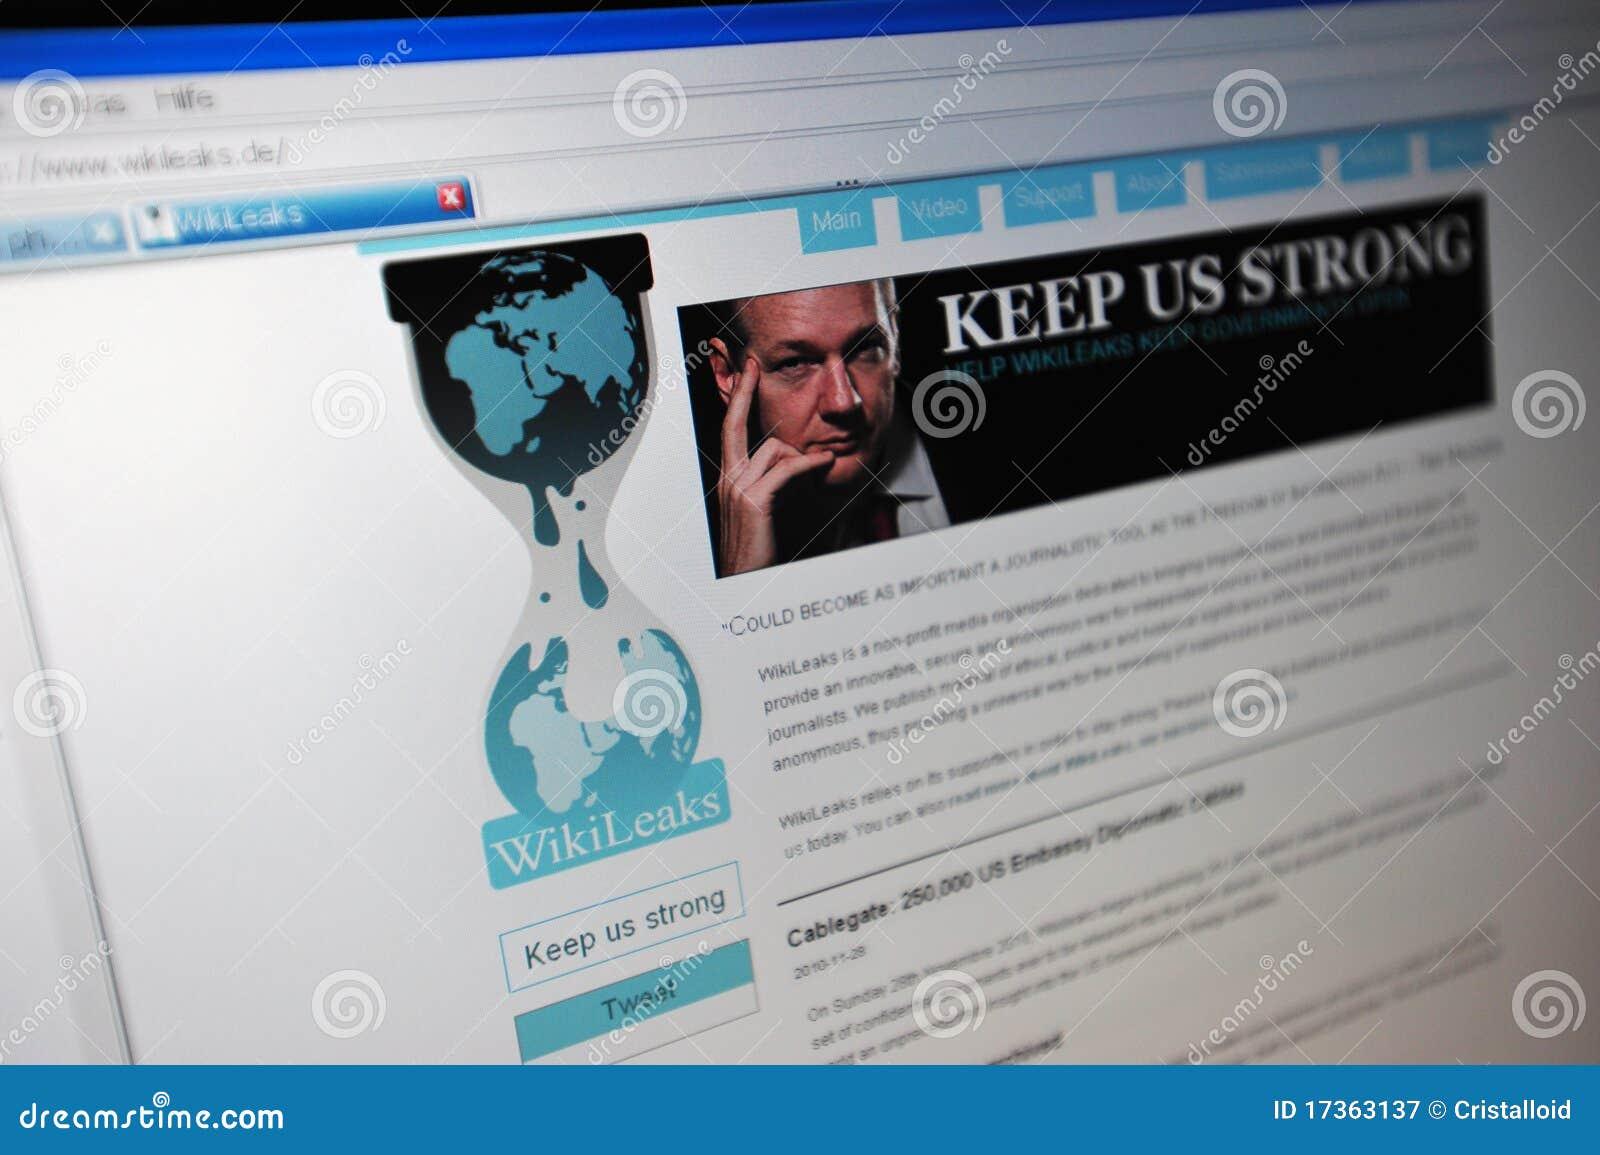 Wikileaks.de main internet page